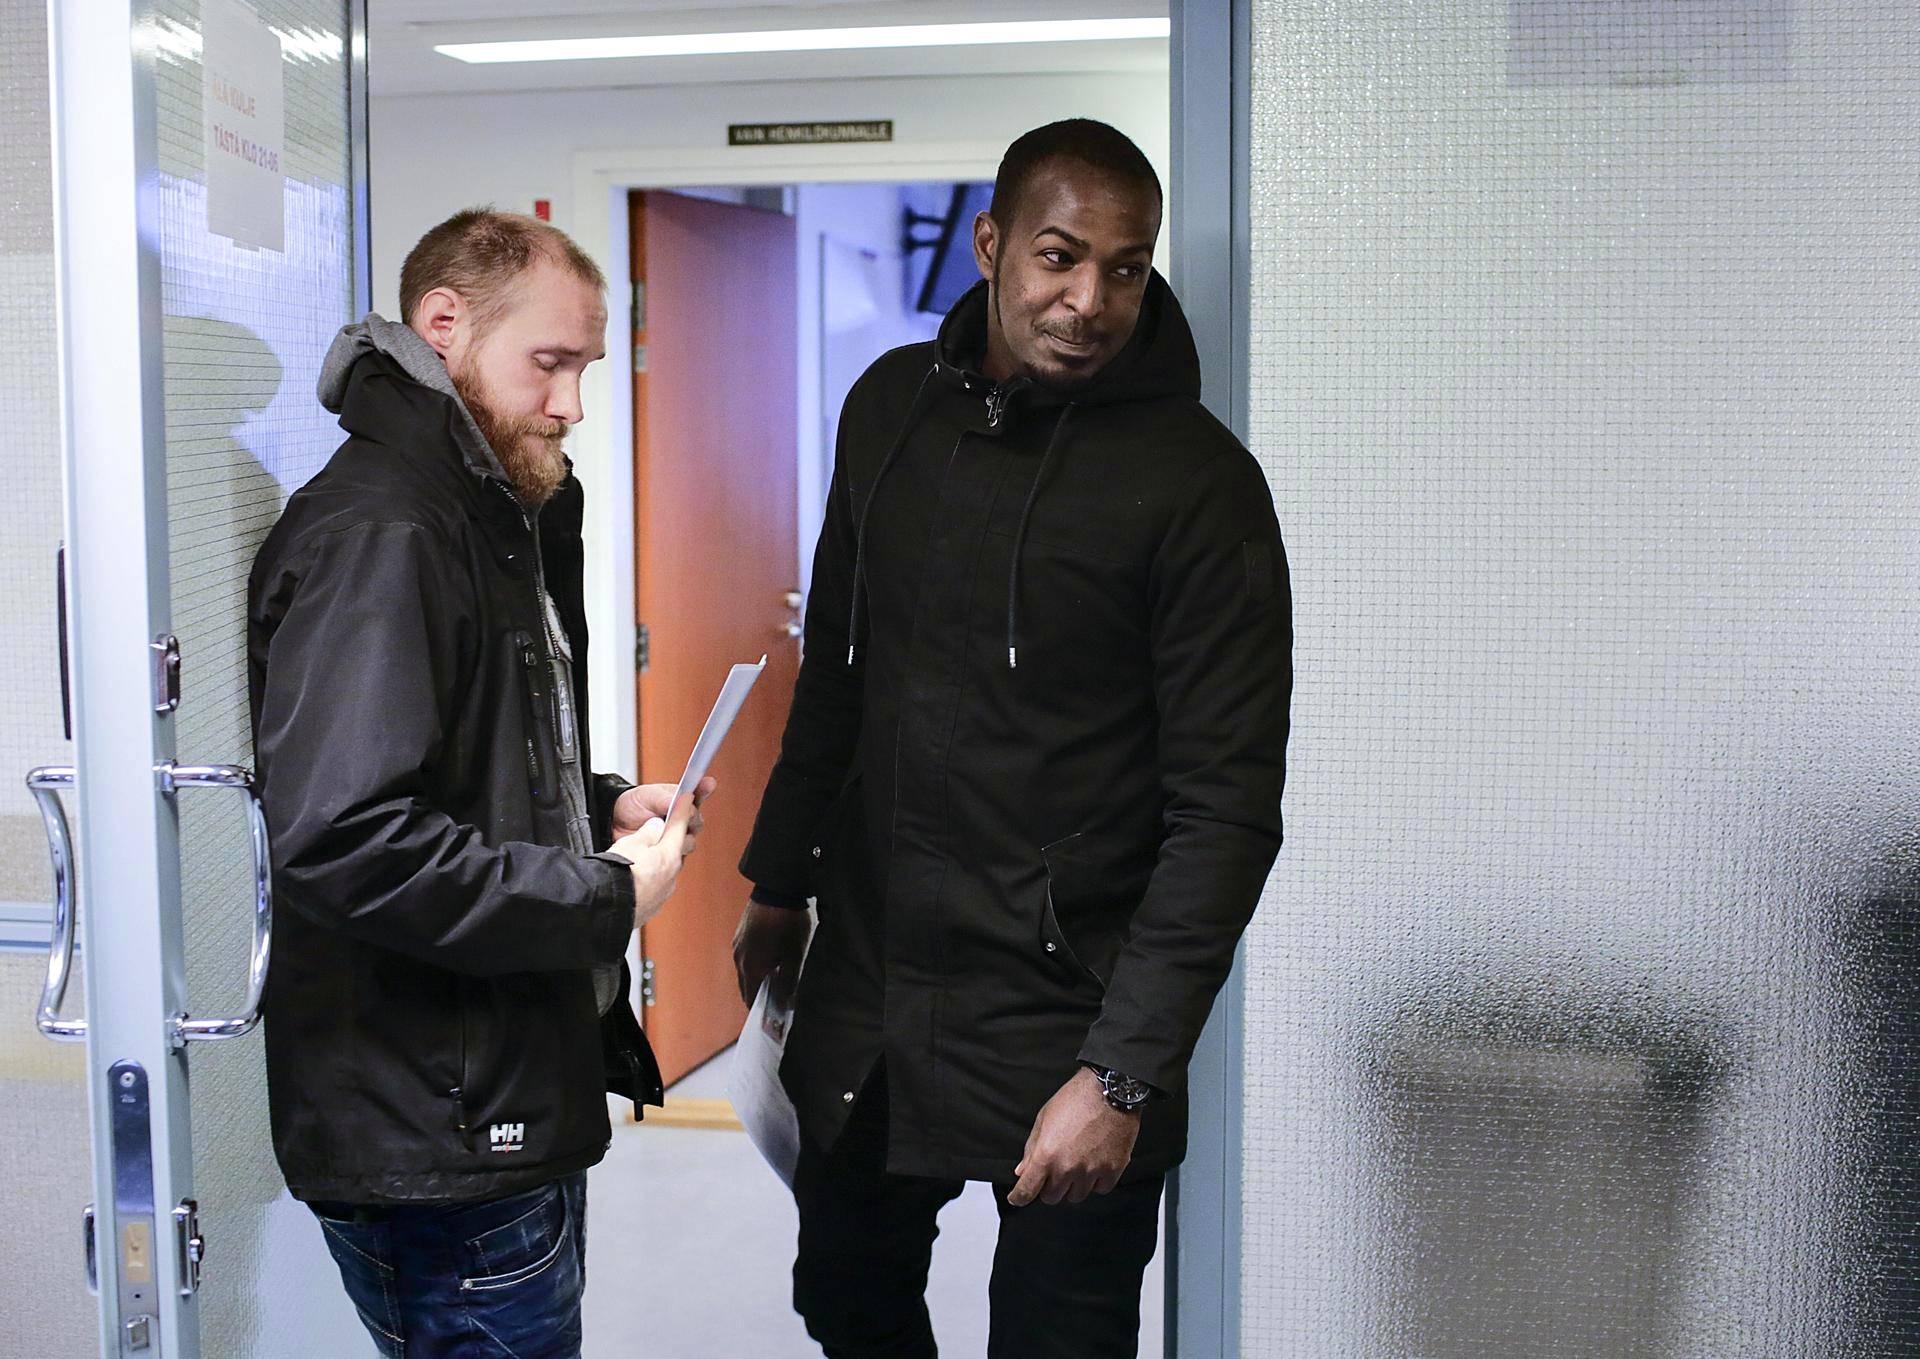 Somalialainen turvapaikanhakija Abdirizak Mohamud sai tiedon turvapaikasta Tampereen poliisilaitoksella.